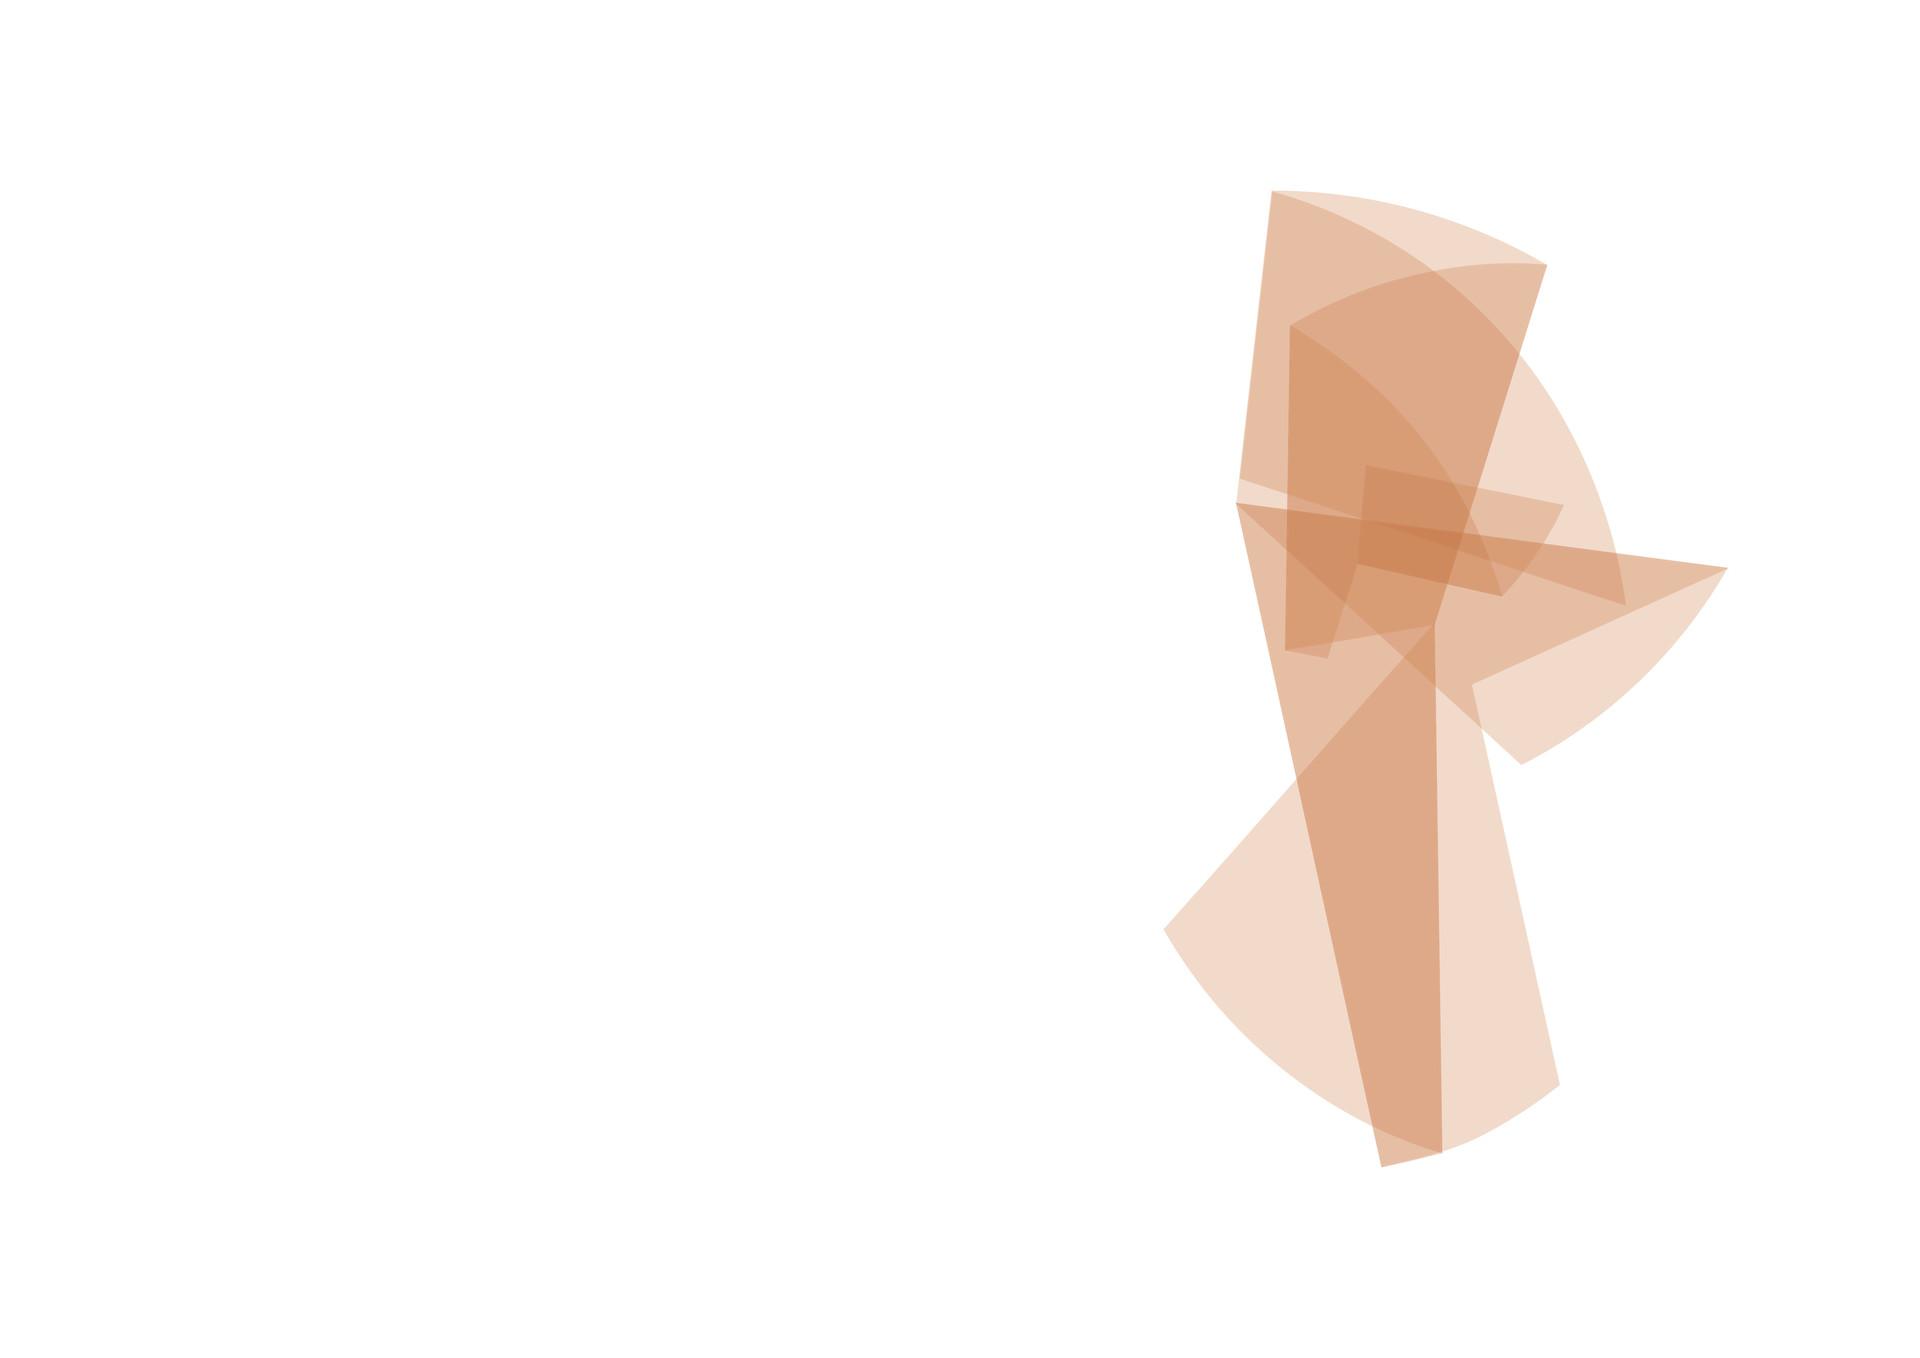 trace digitale d'un cercle et de ses plis existants